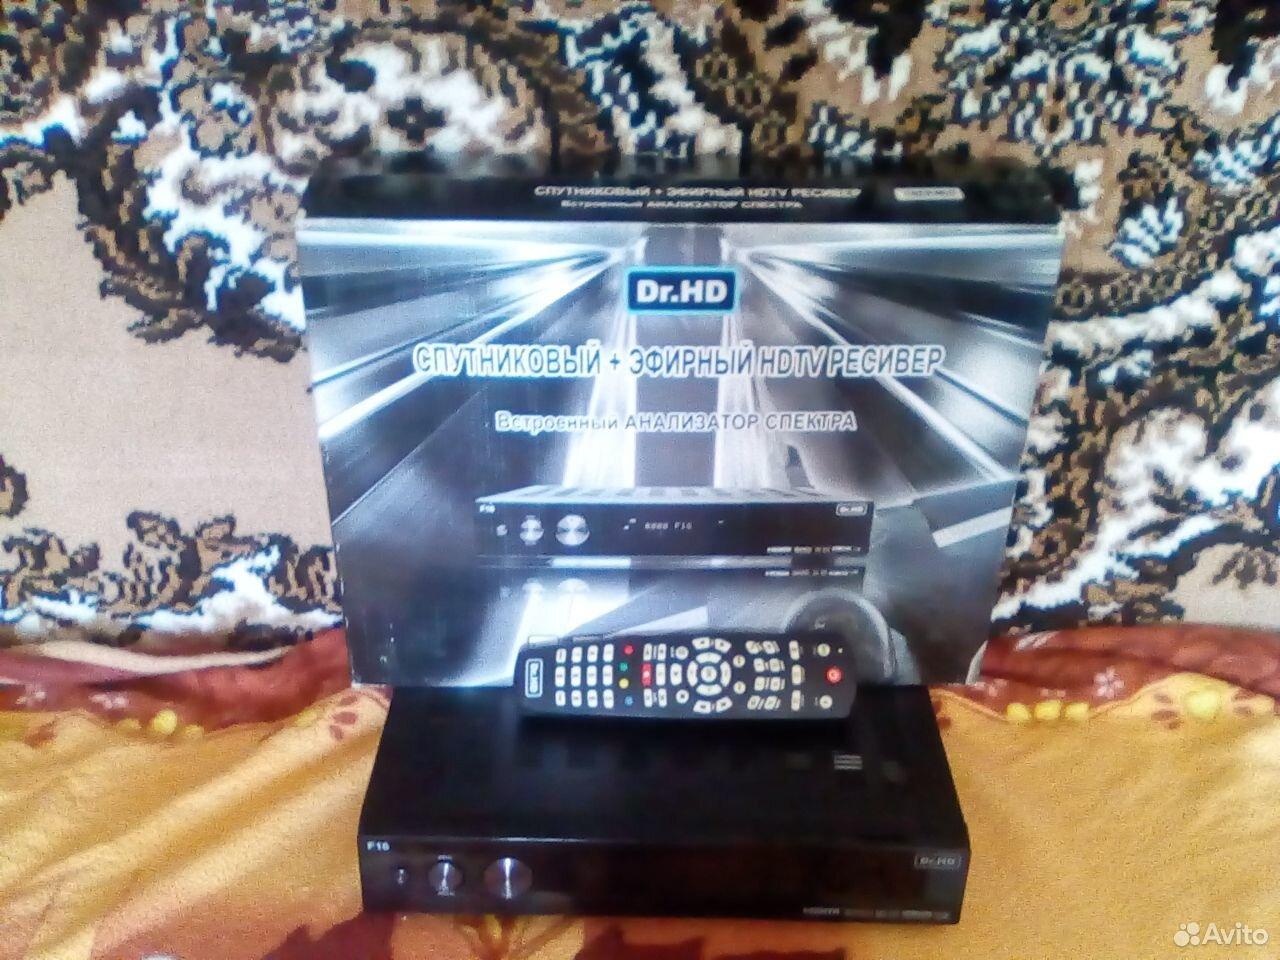 Цифровой спутниковый hdtv ресивер Dr.HD F-16  89271209633 купить 1